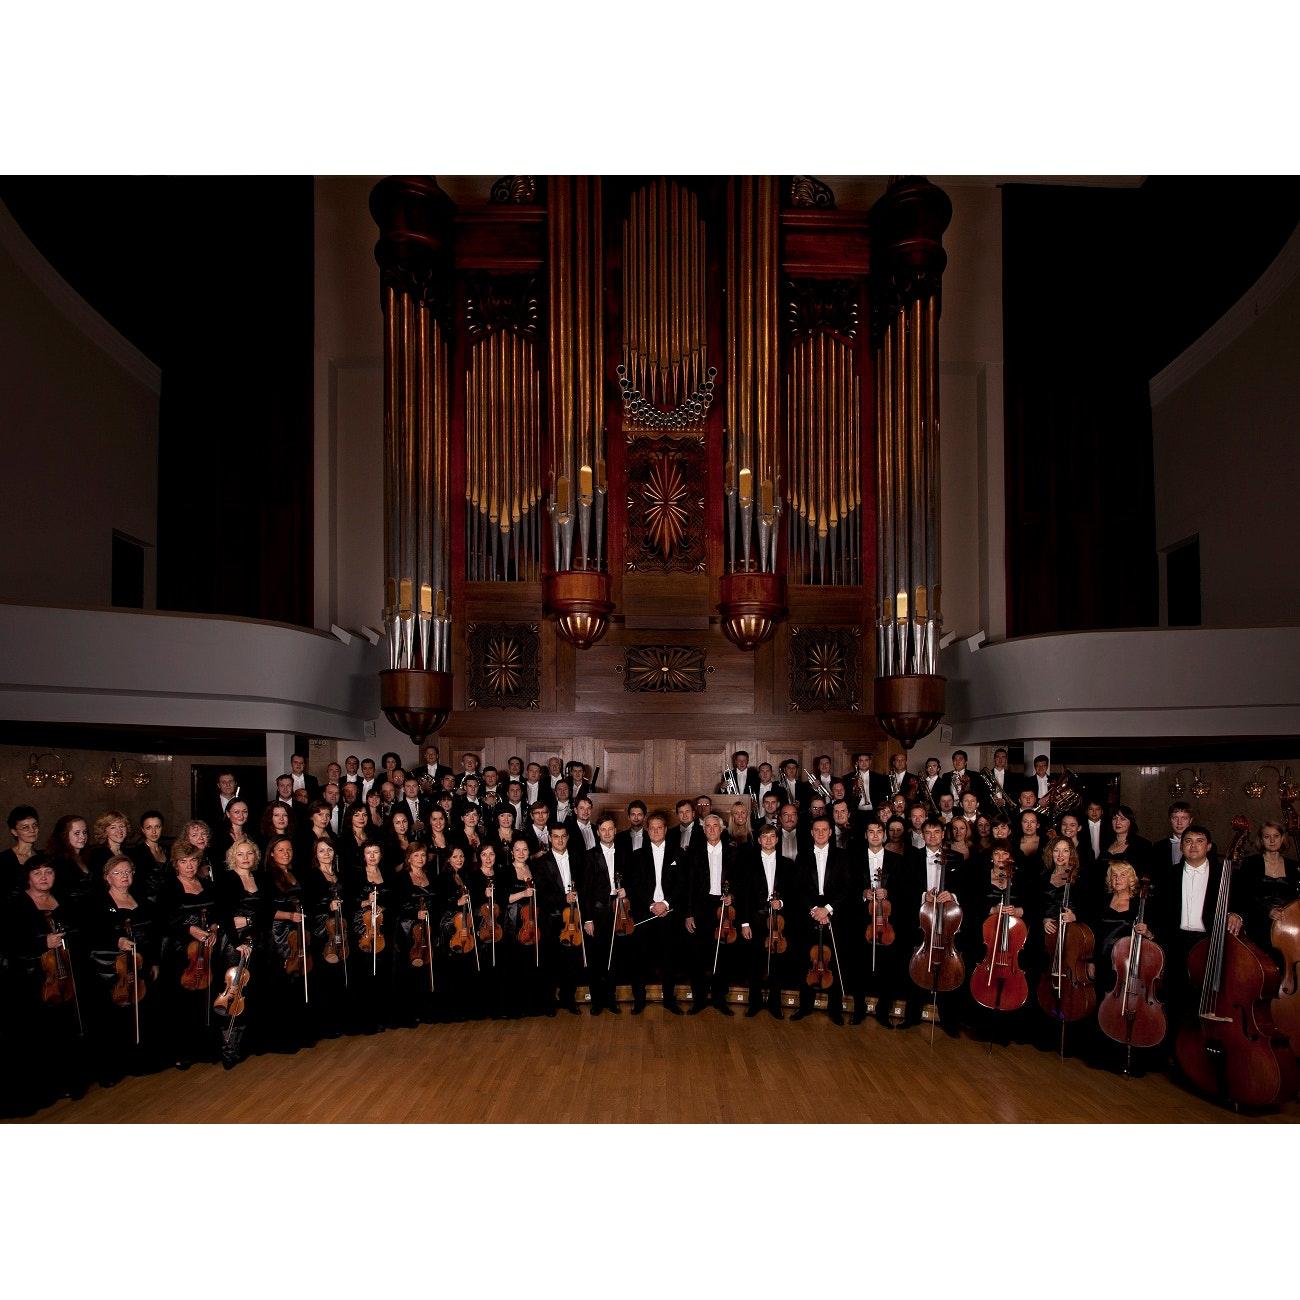 Orchestre symphonique national du Tatarstan